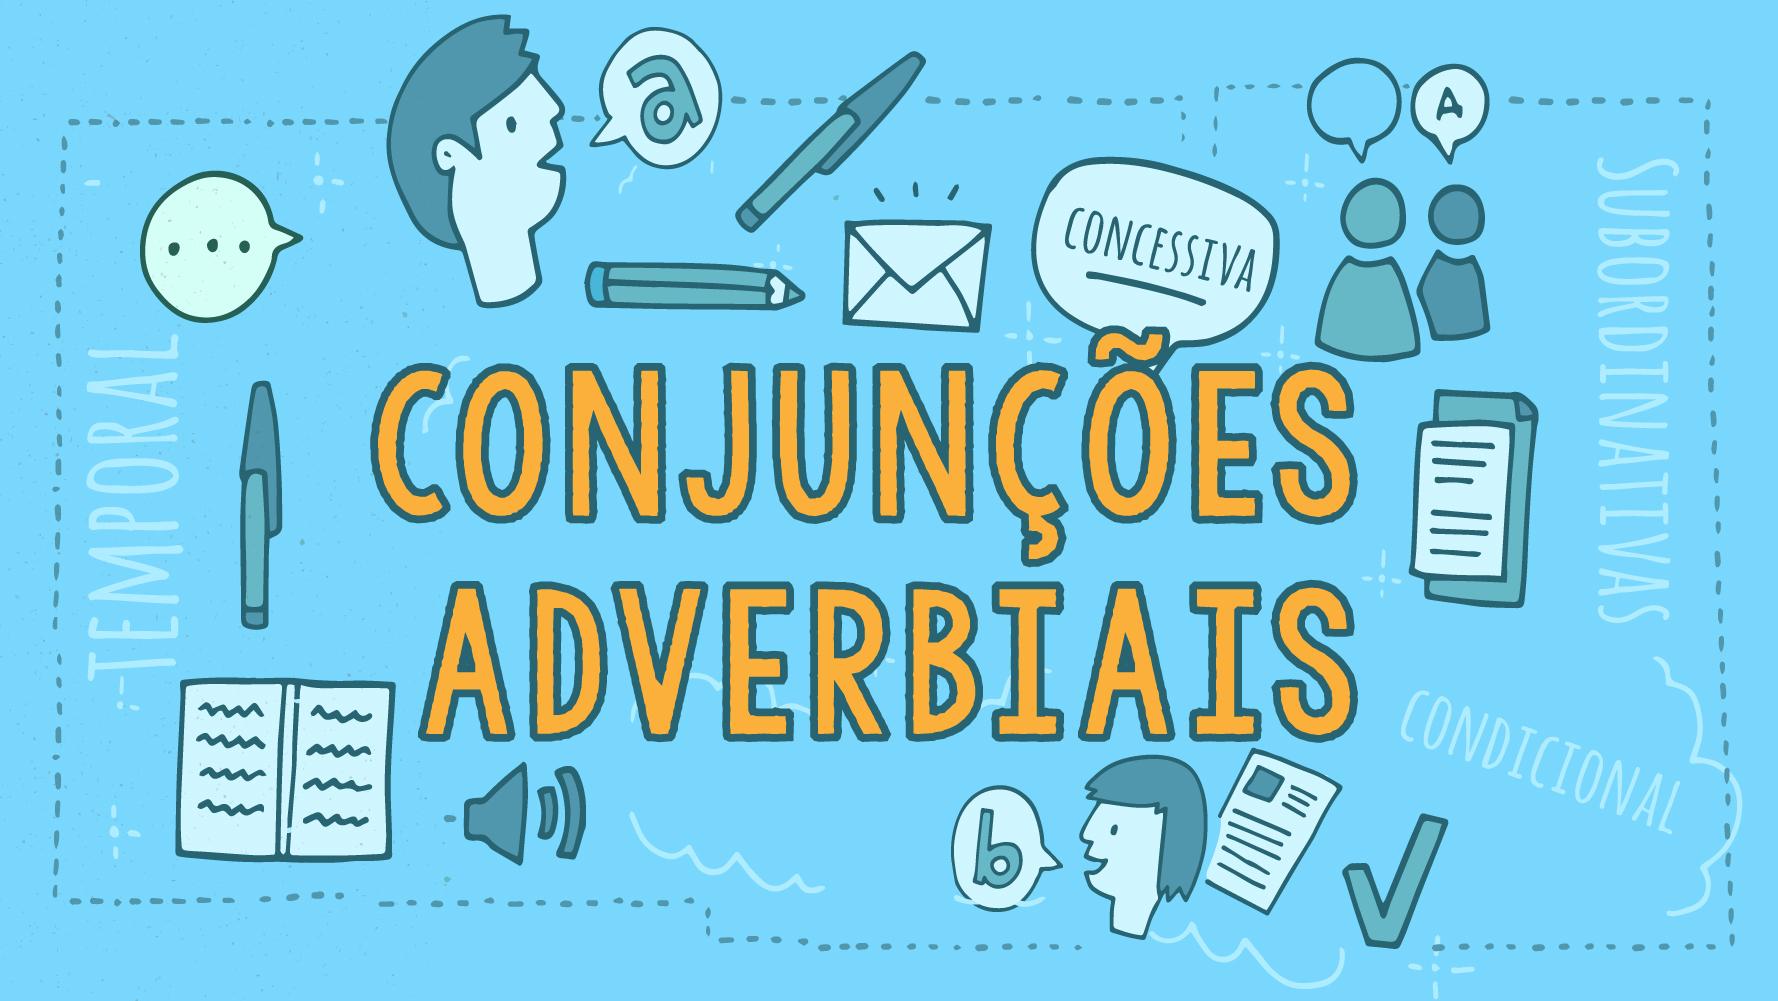 aula de conjunções adverbiais